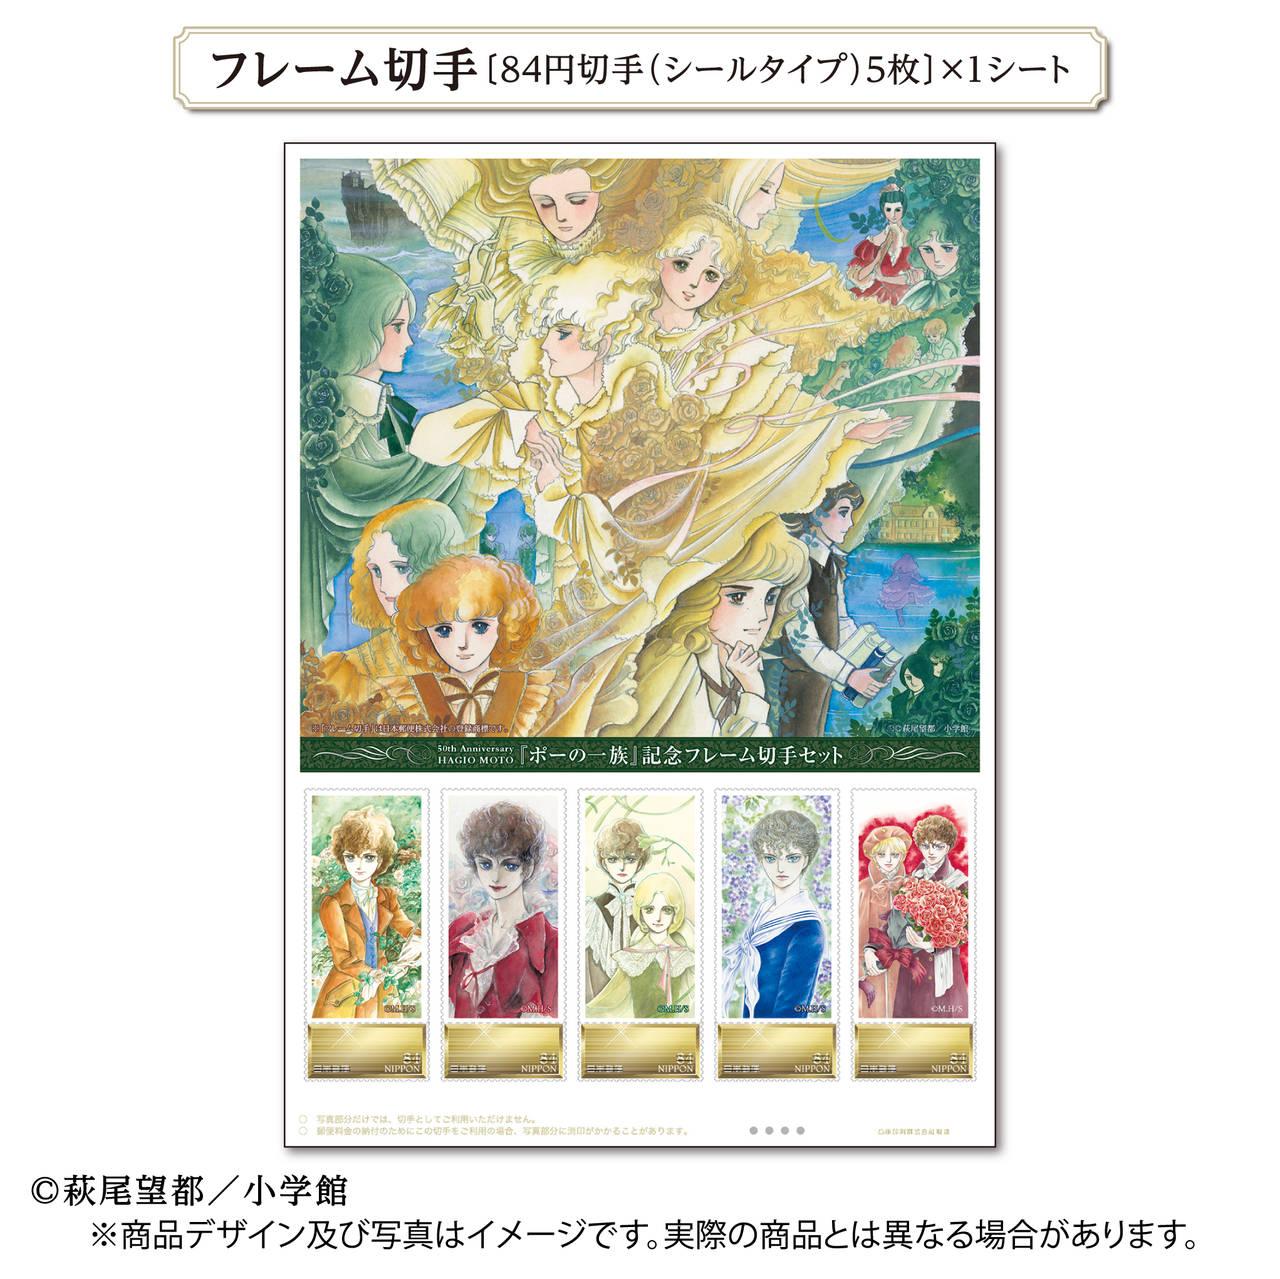 萩尾望都の美麗イラスト…! 『ポーの一族』記念フレーム切手セットが登場!